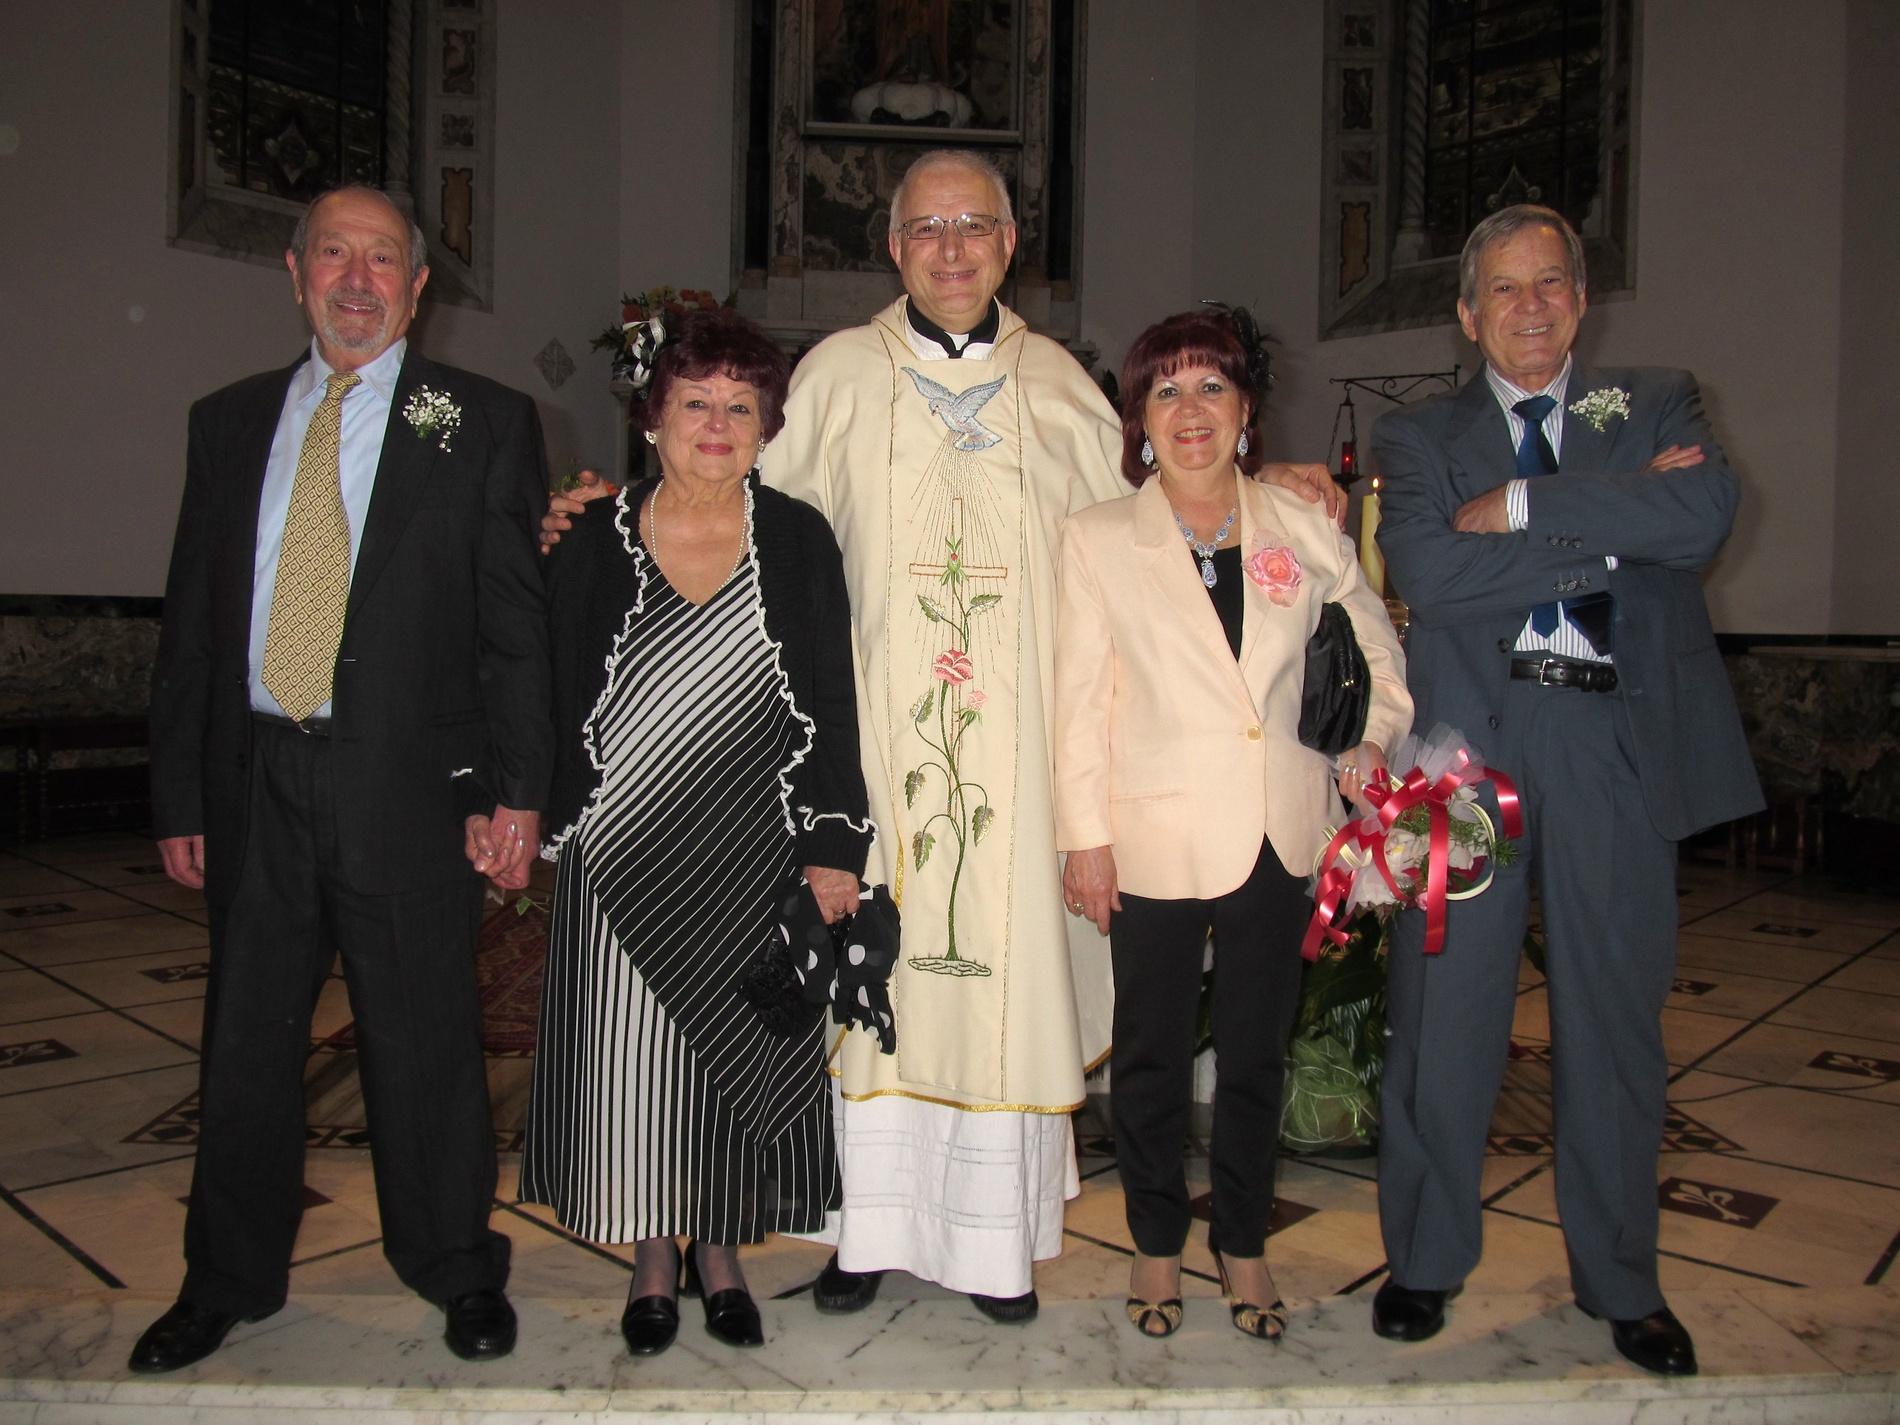 cinquantesimo-sorelle-panariello-2015-05-16-18-22-25